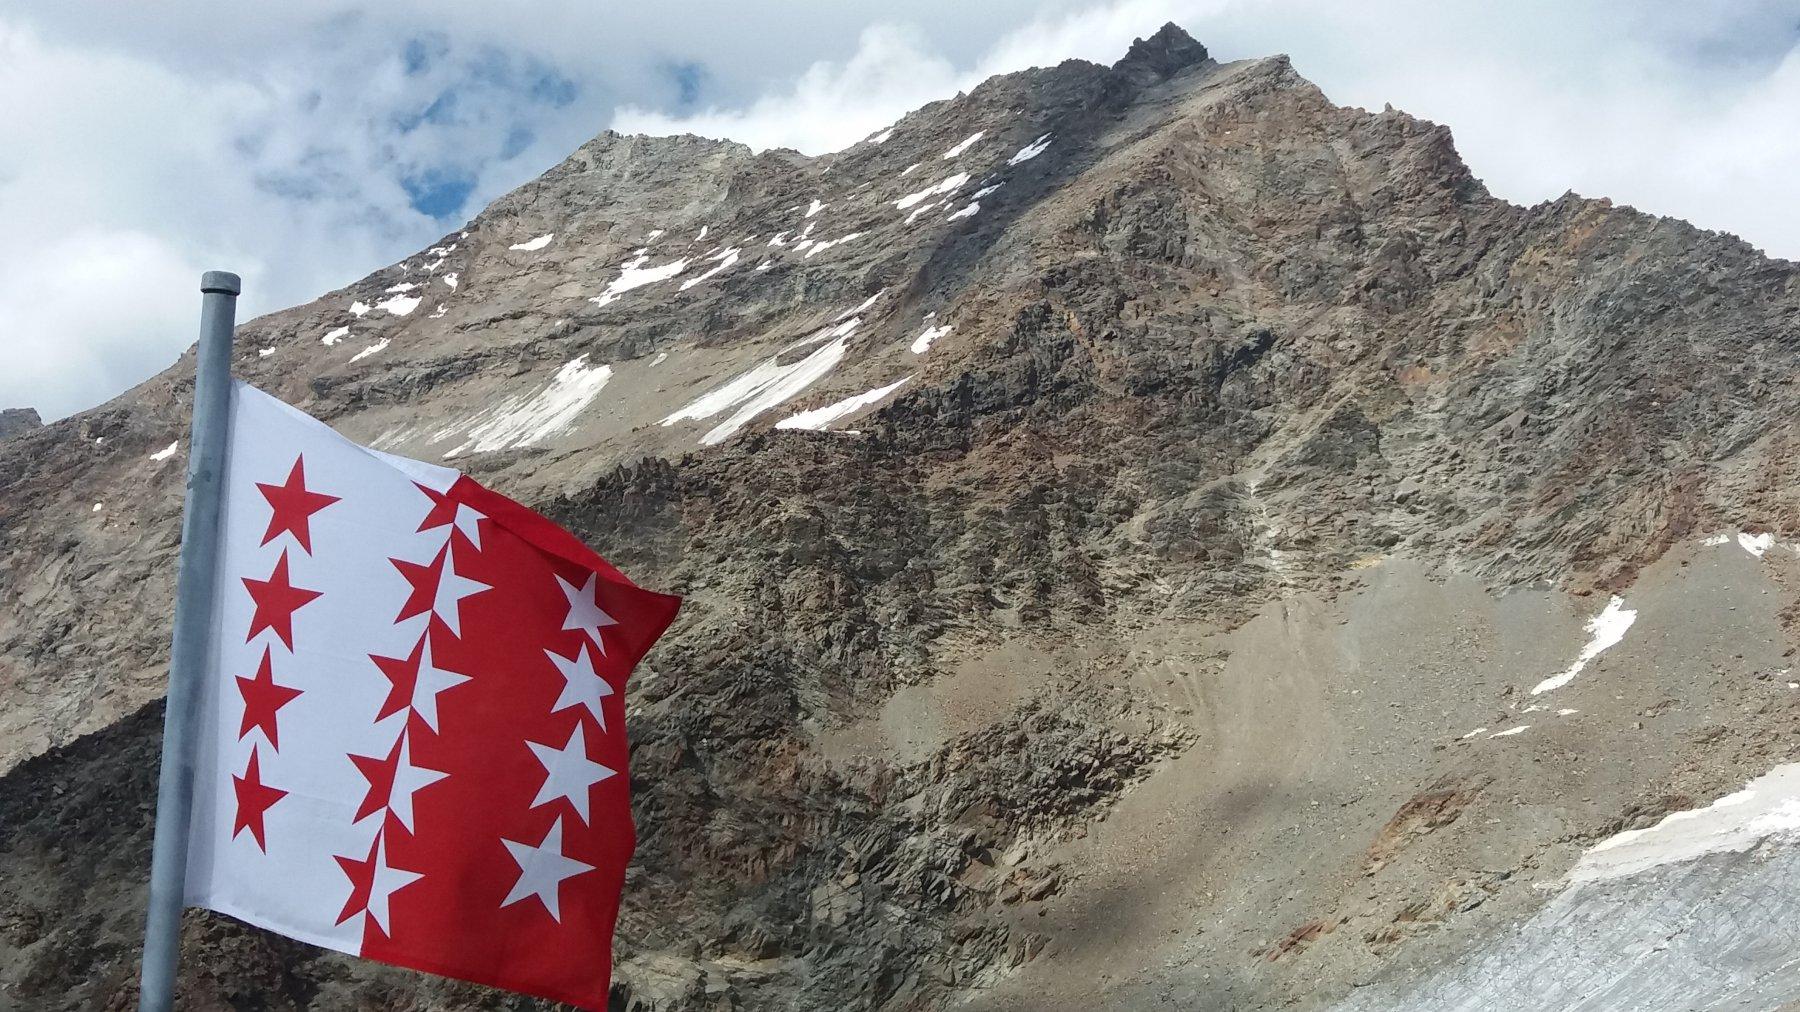 Condizioni della montagna (cresta di salita a sx)